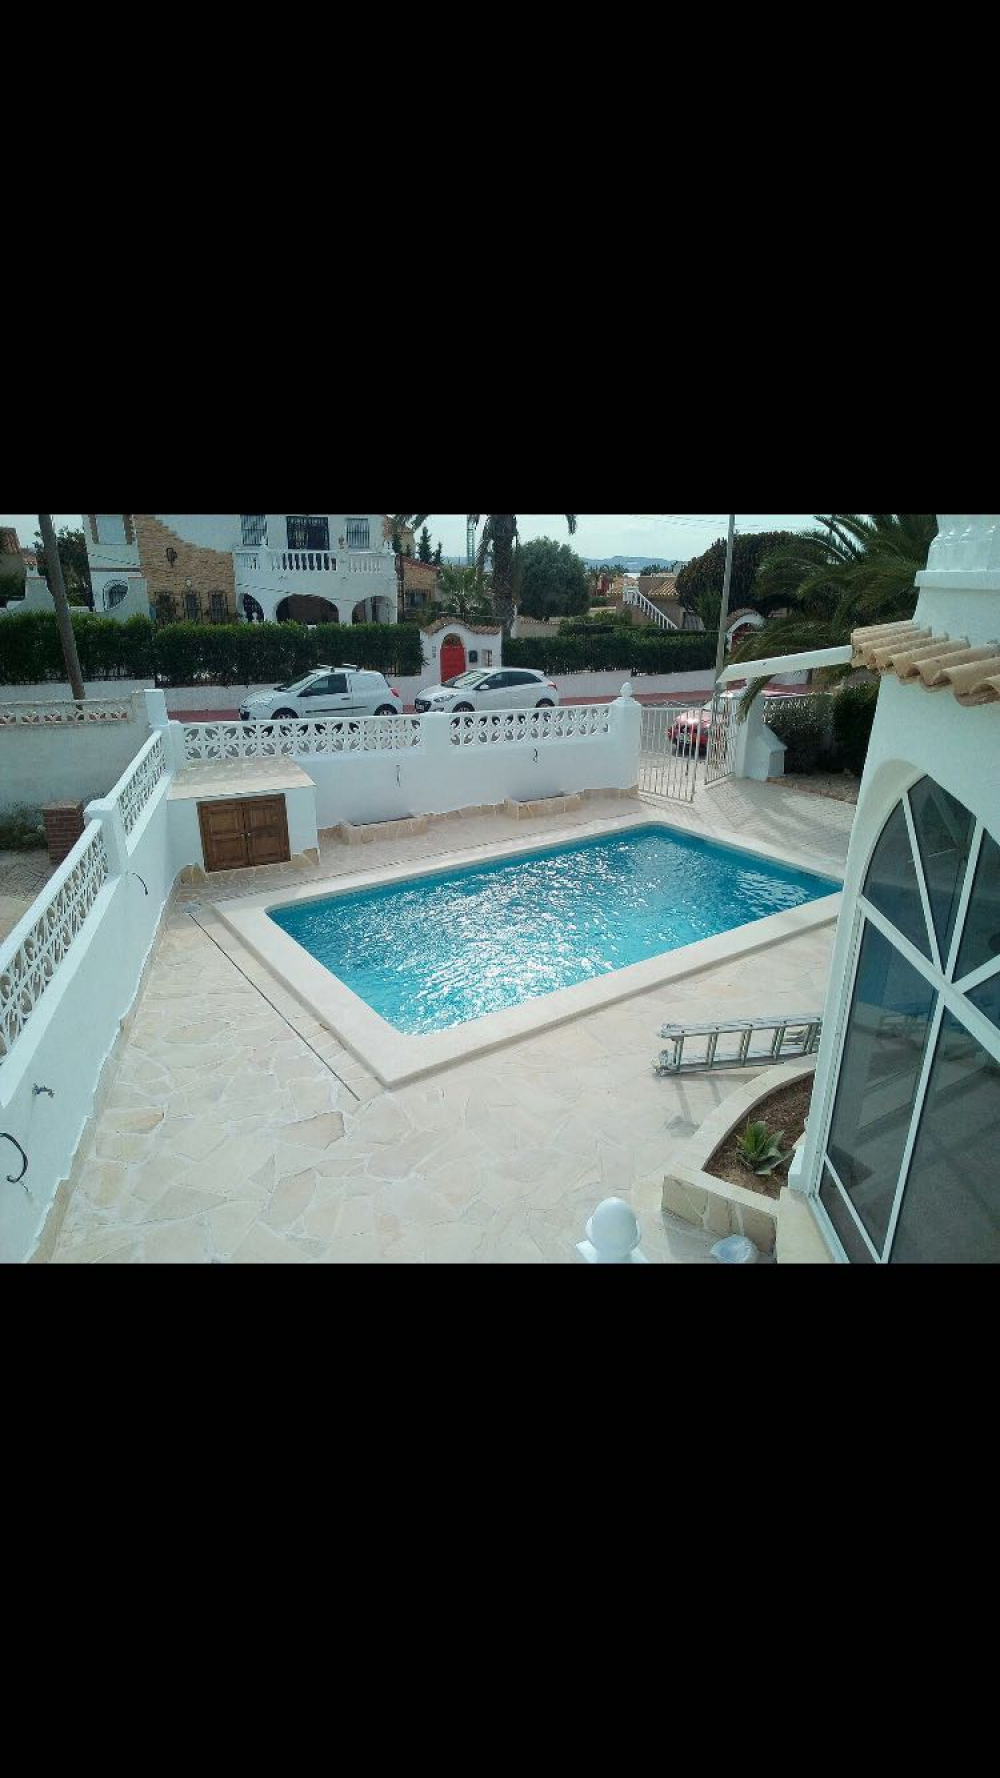 Cuanto cuesta el de una piscina fabulous cool cuanto cuesta construir una piscina concepto para - Cuanto cuesta una piscina de obra ...